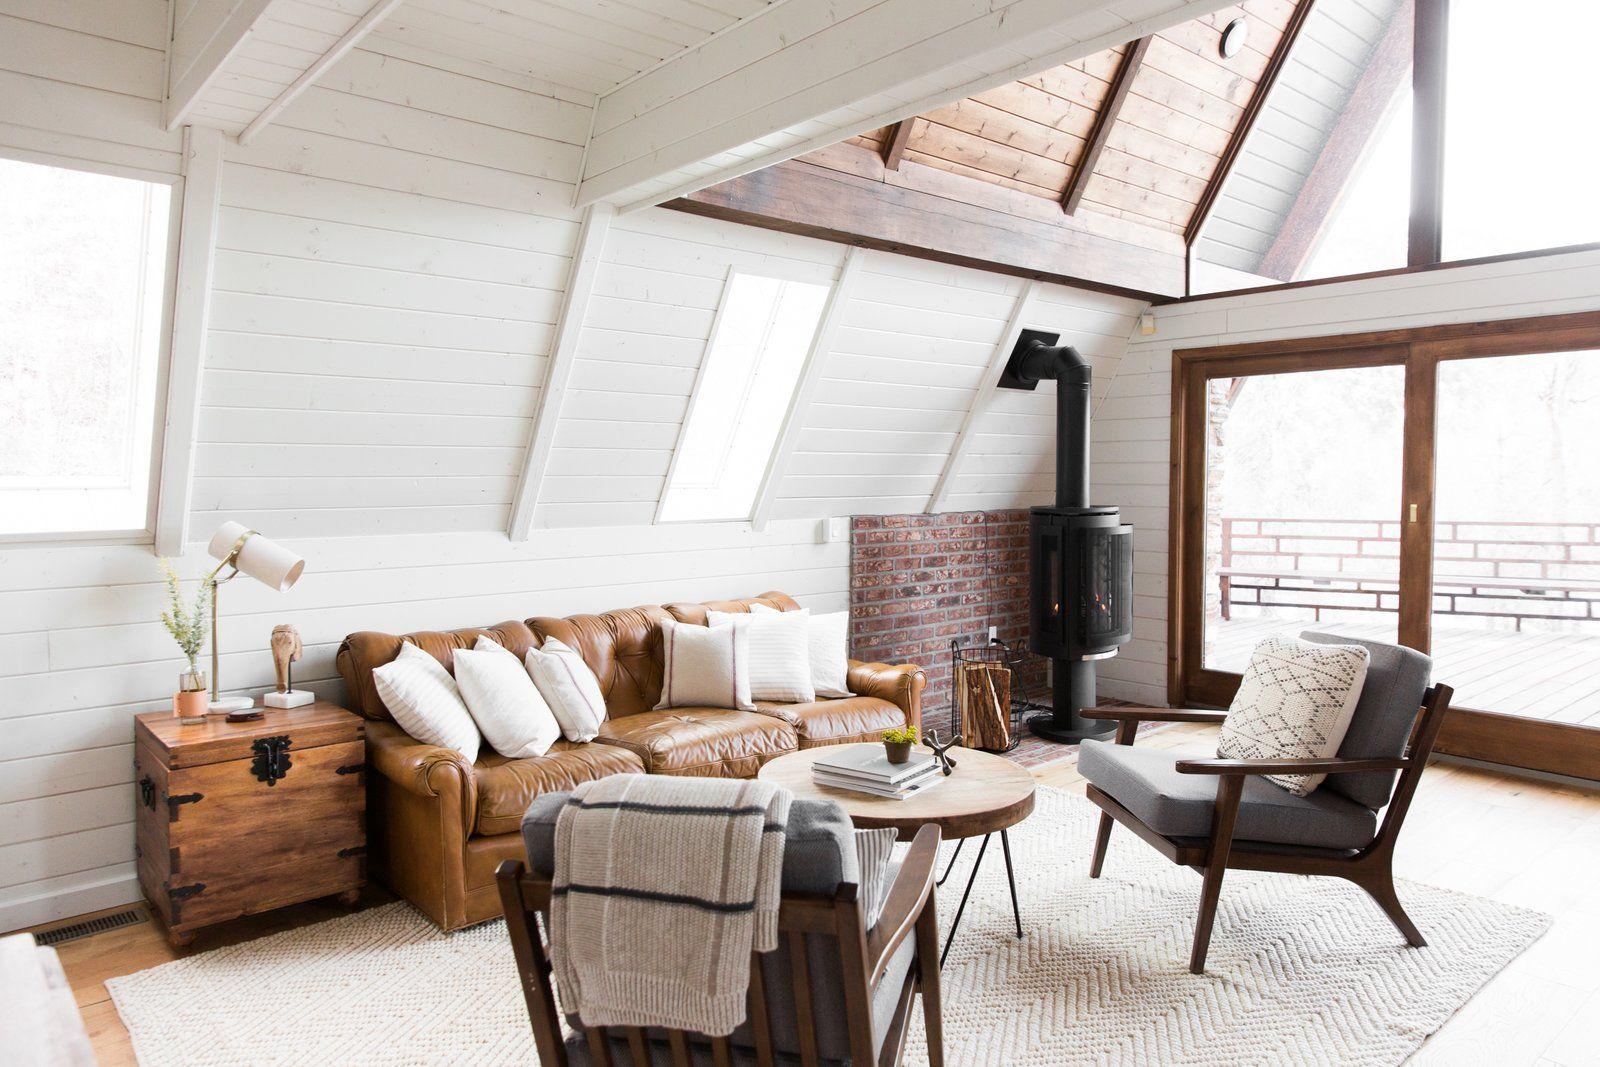 Tagged Living Room Table Lighting Medium Hardwood